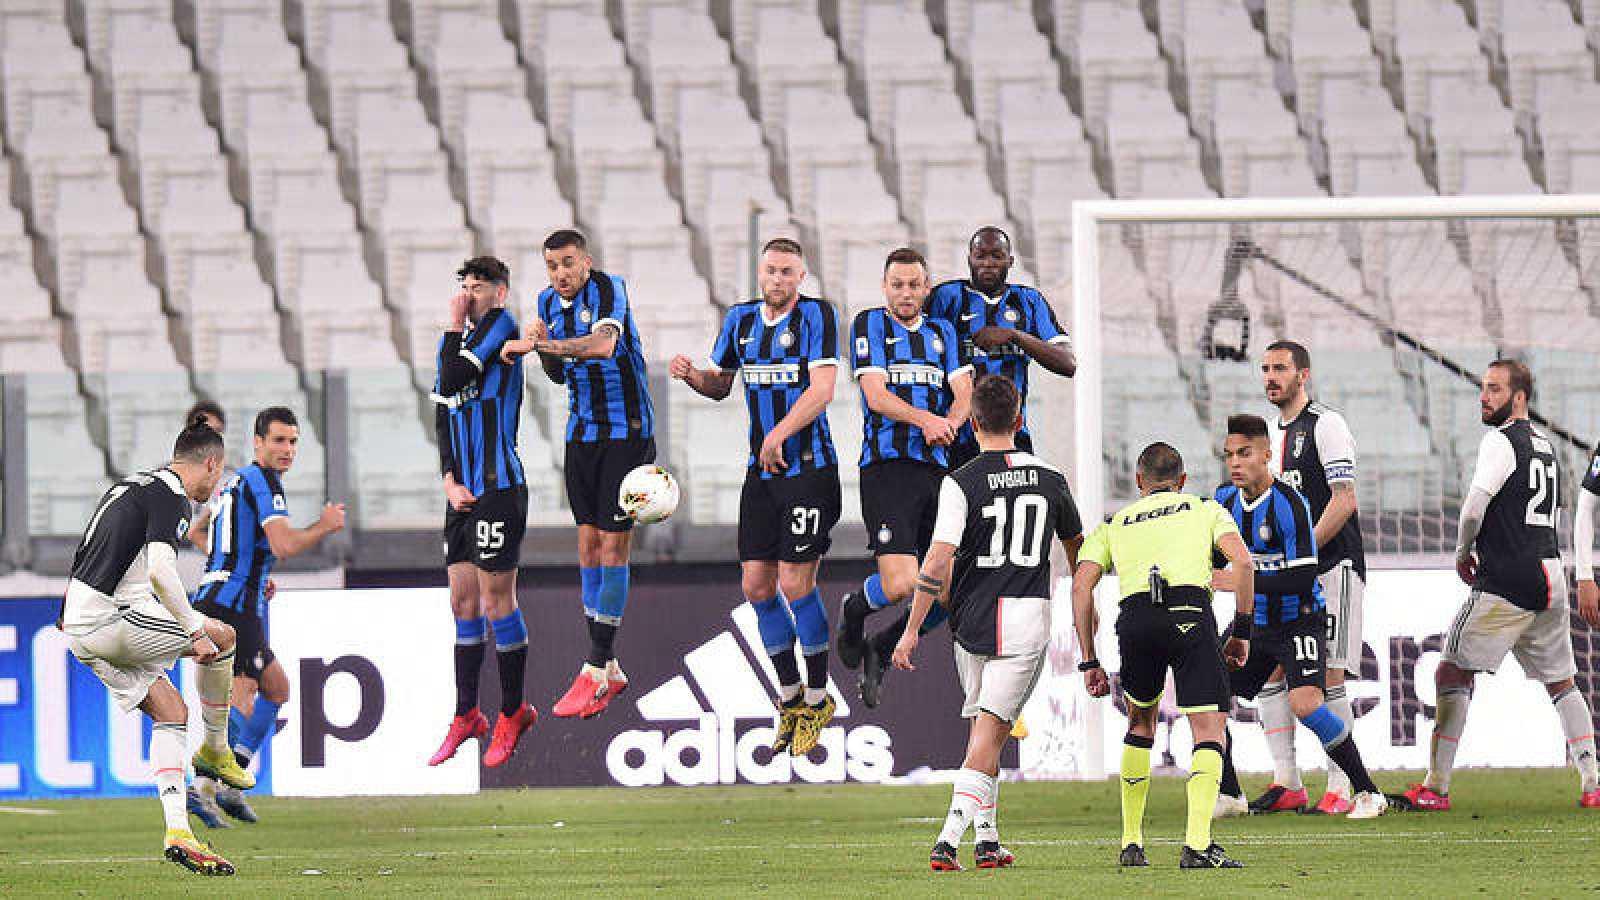 Cristiano Ronaldo lanza una falta en el Juventus - Inter del pasado 8 de marzo.